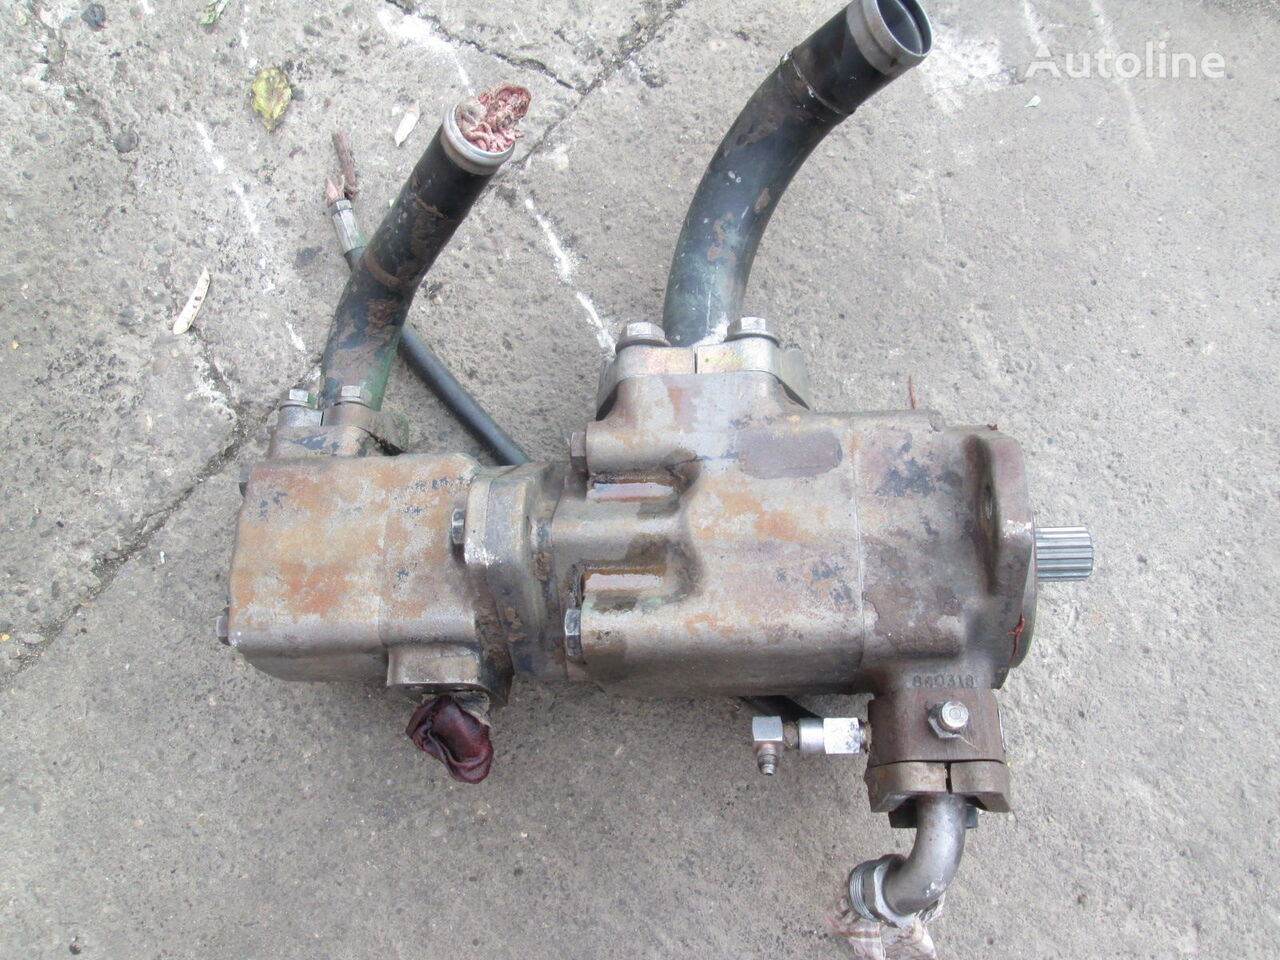 pompa hydrauliczna Denison C5V10 do ładowarki kołowej